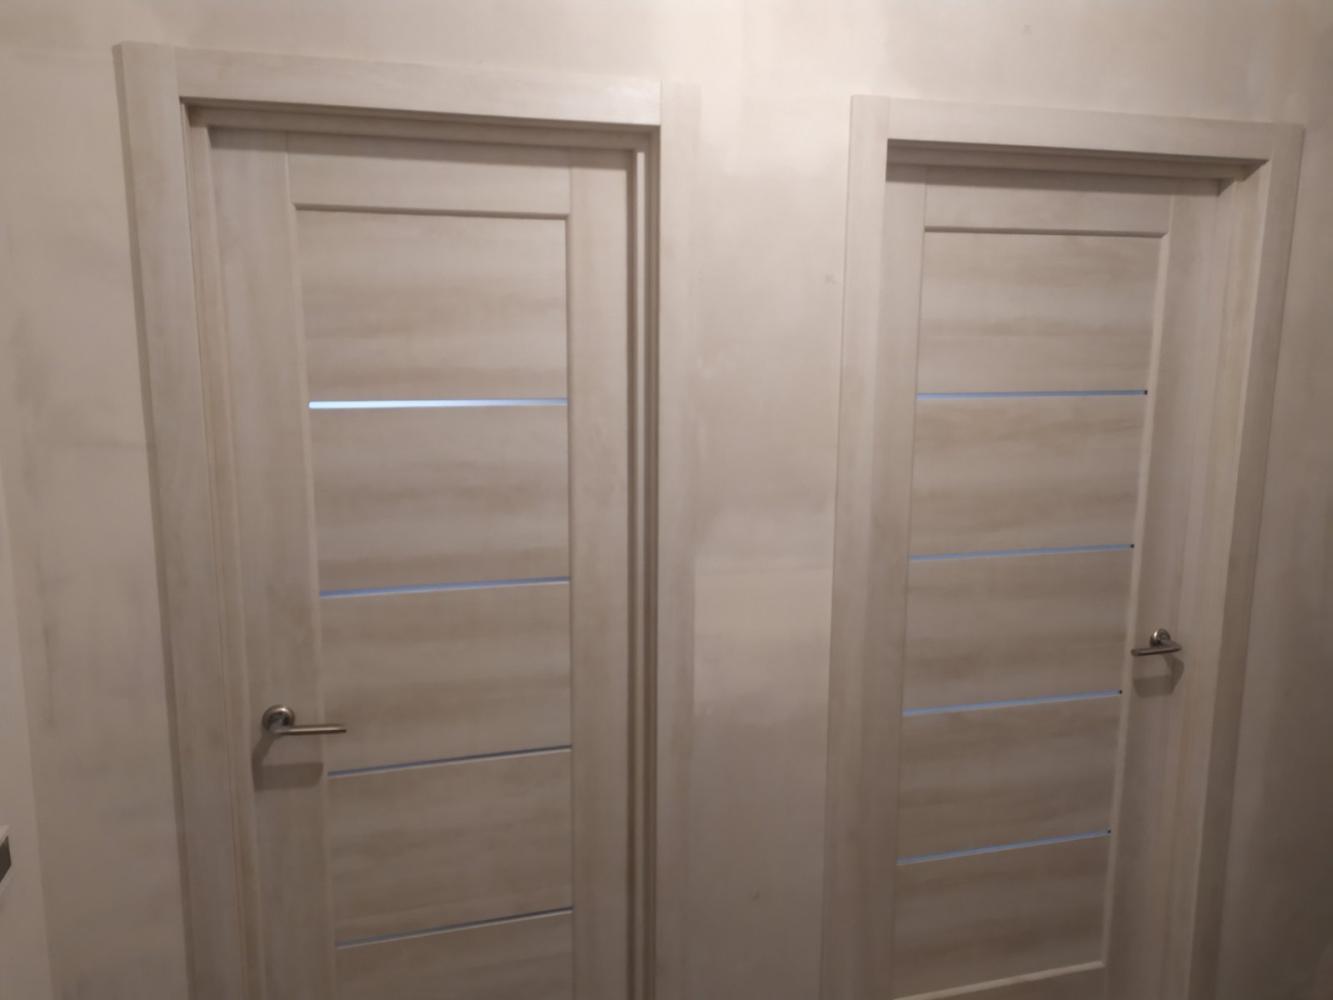 Двери Мира Новый Стиль ясень делюкс стекло Сатин - Межкомнатные двери — фото №3